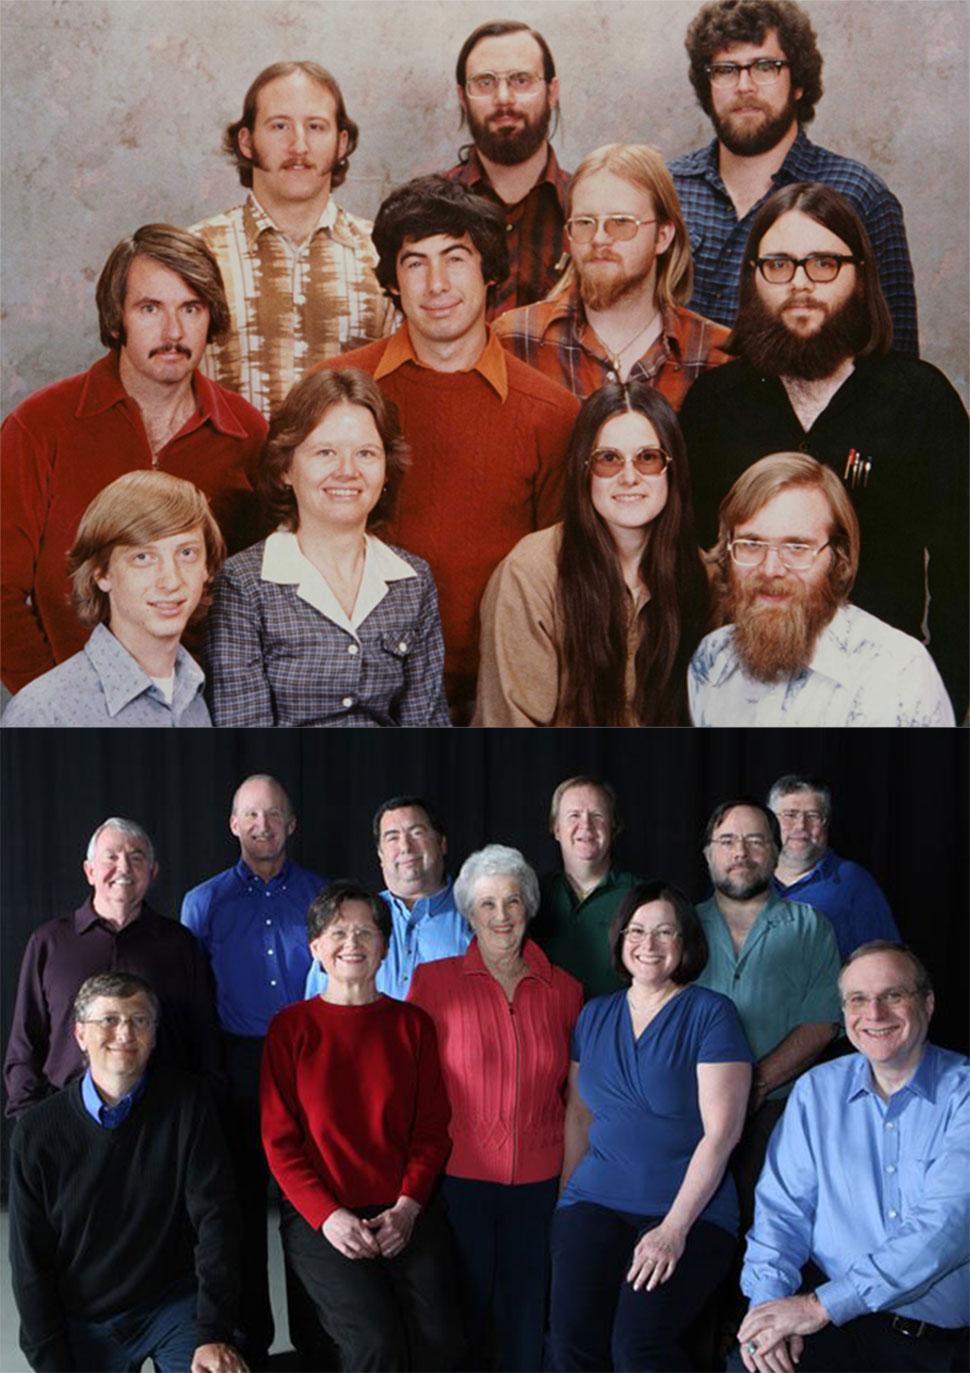 Вверху — тот самый снимок 1978 года, а внизу — он же, воссозданный в 2008 году, когда Билл Гейтс пок